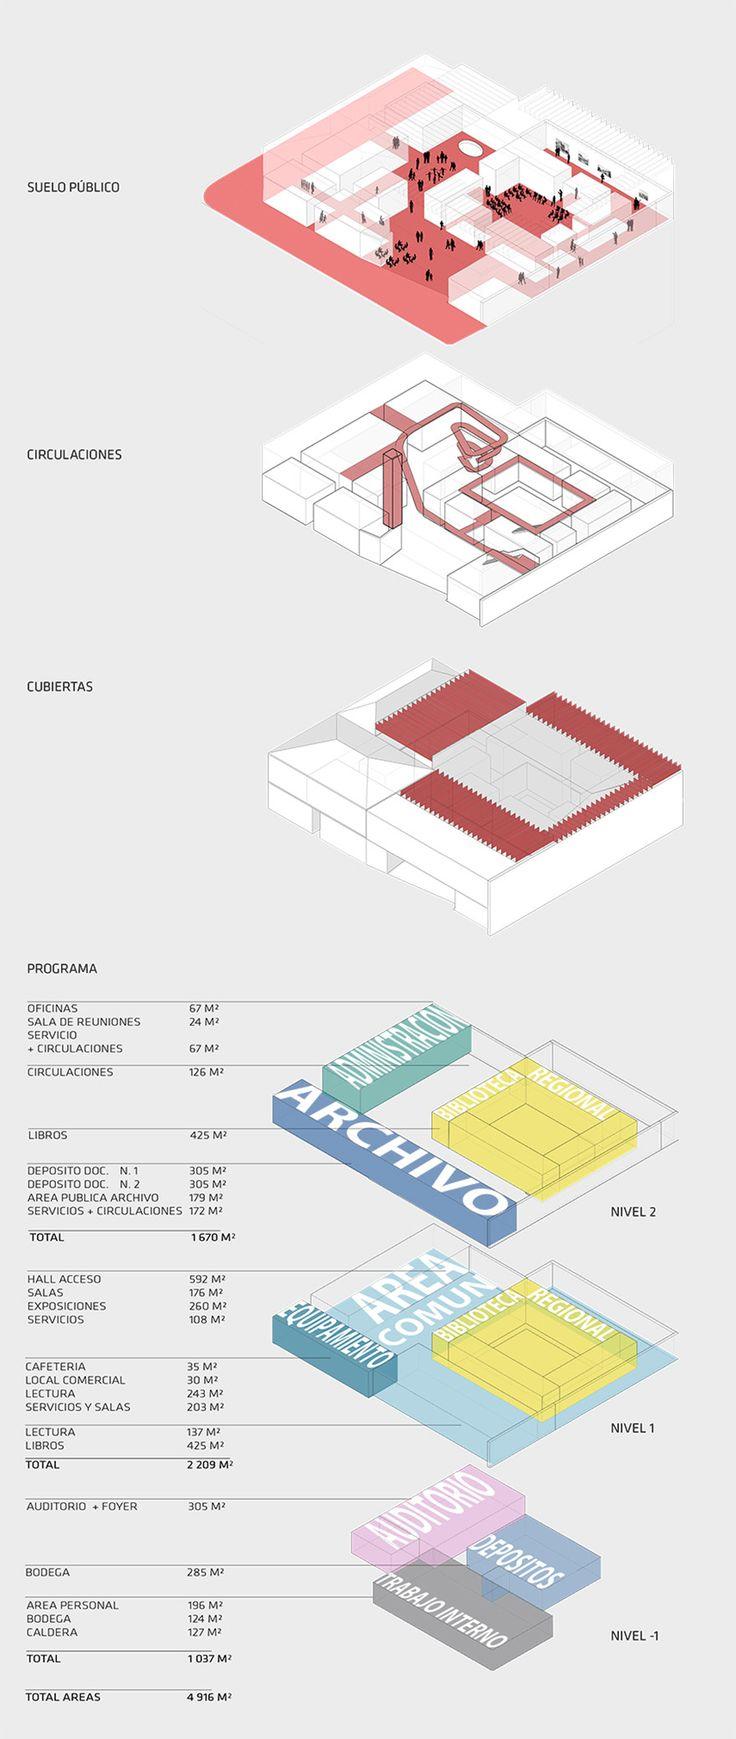 Segundo Lugar en concurso de habilitación y construcción Archivo y Biblioteca Regional de Punta Arenas / Chile,Esquema programático. Image Cortesia de LyonBosch Arquitectos y B+V Arquitectura